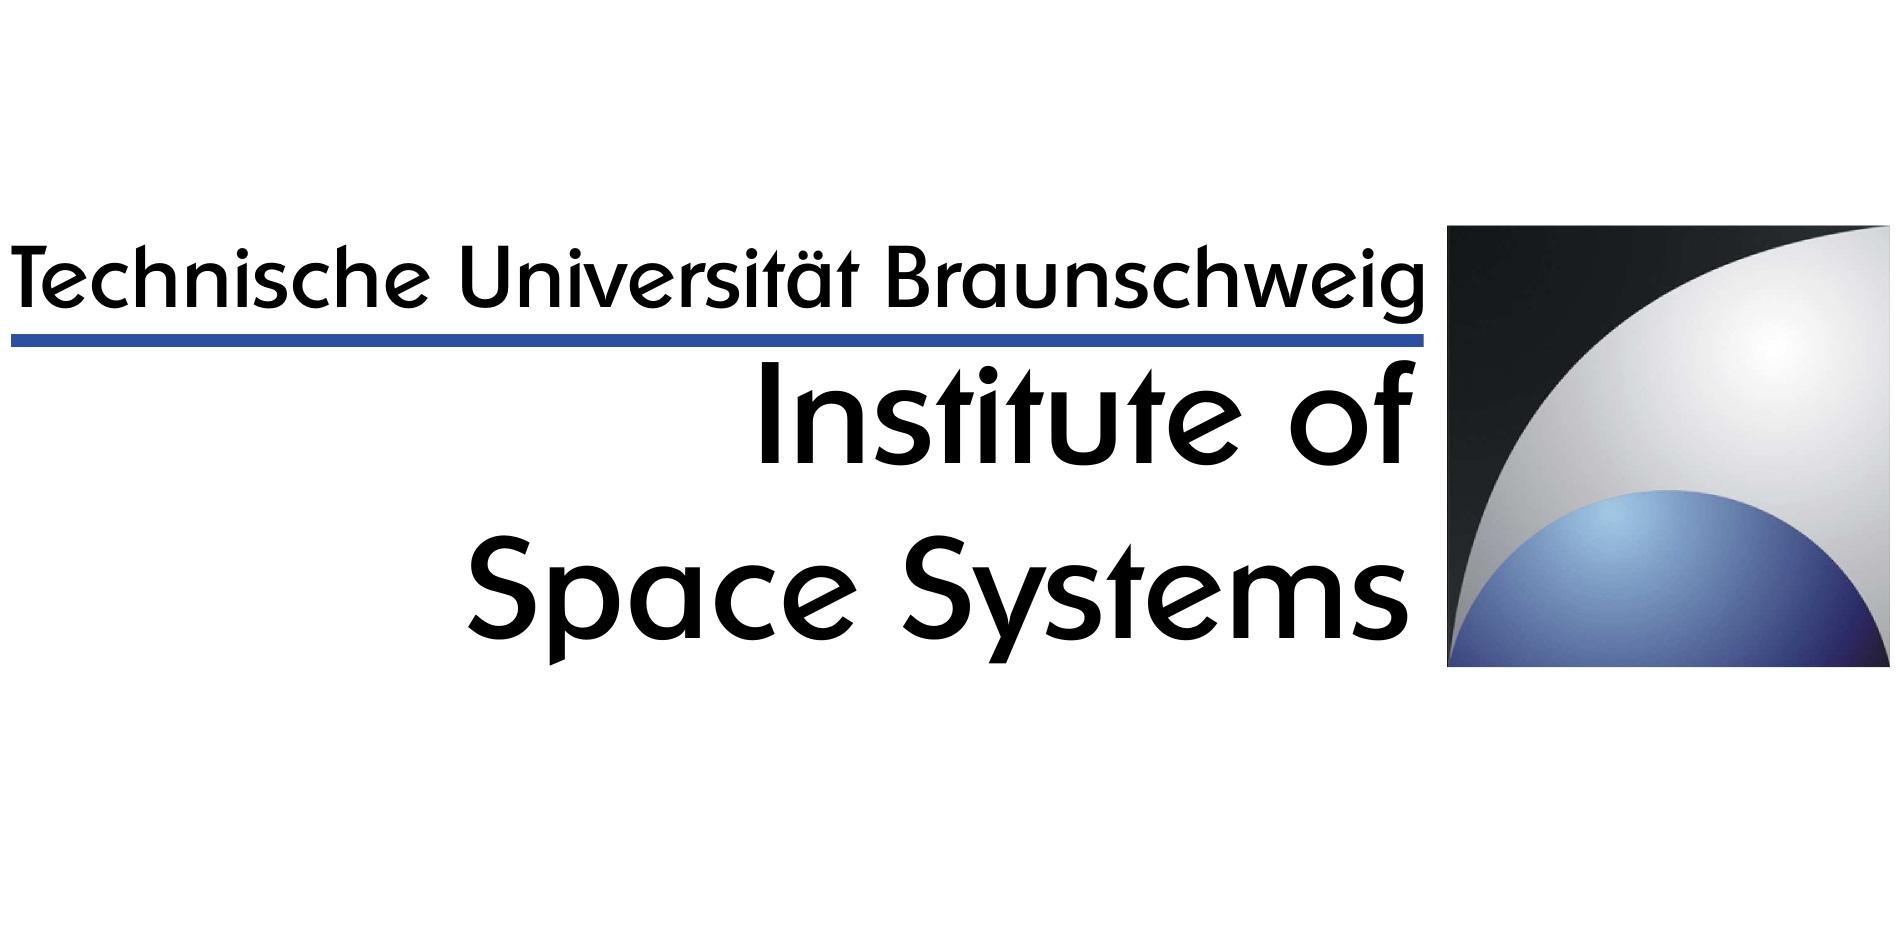 TU Braunschweig - Institute of Space Systems